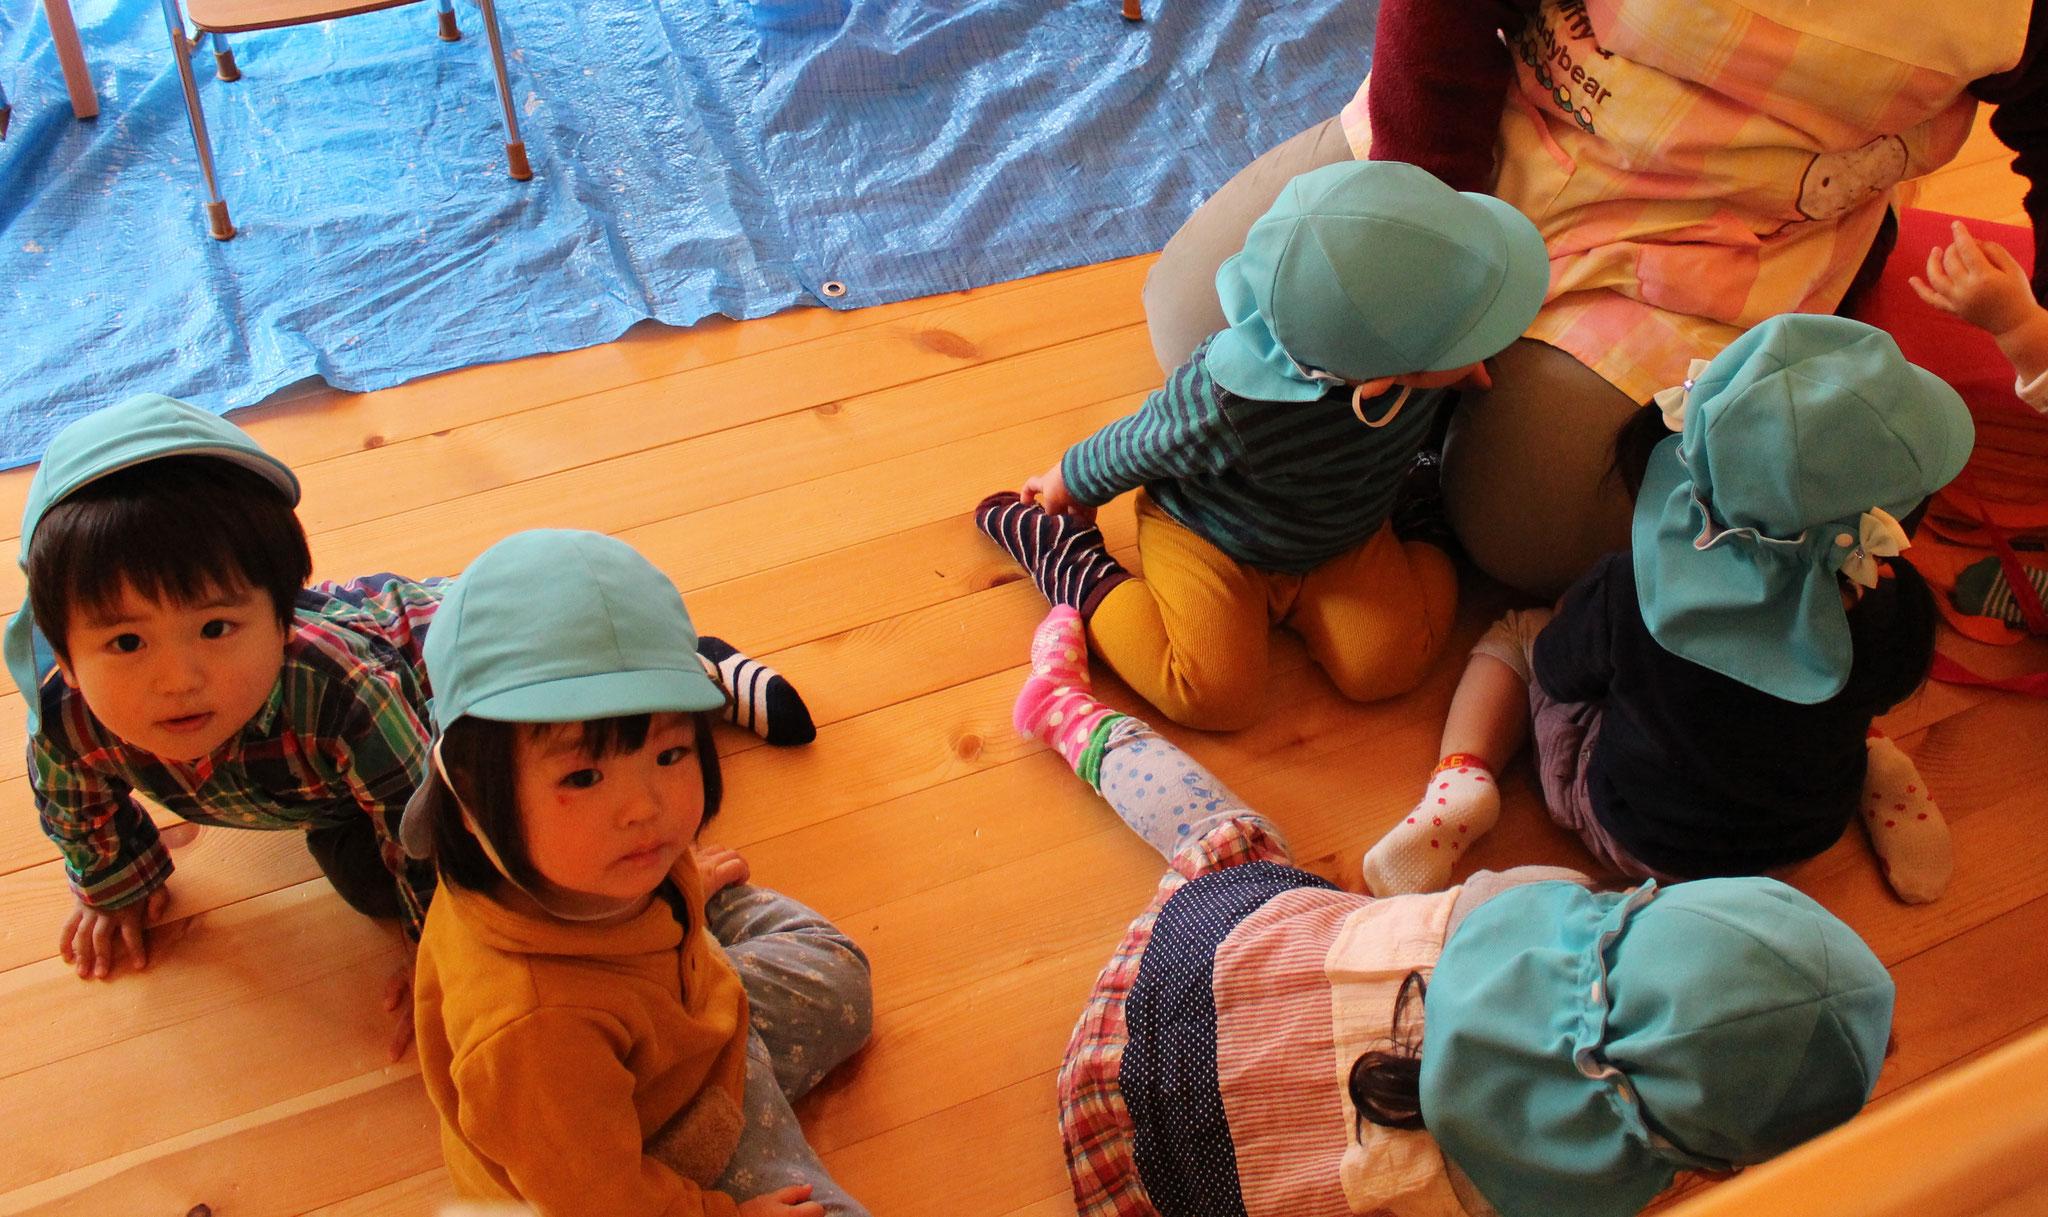 今日は避難訓練です ウル組さんは 地震の揺れから身を守る練習をしております